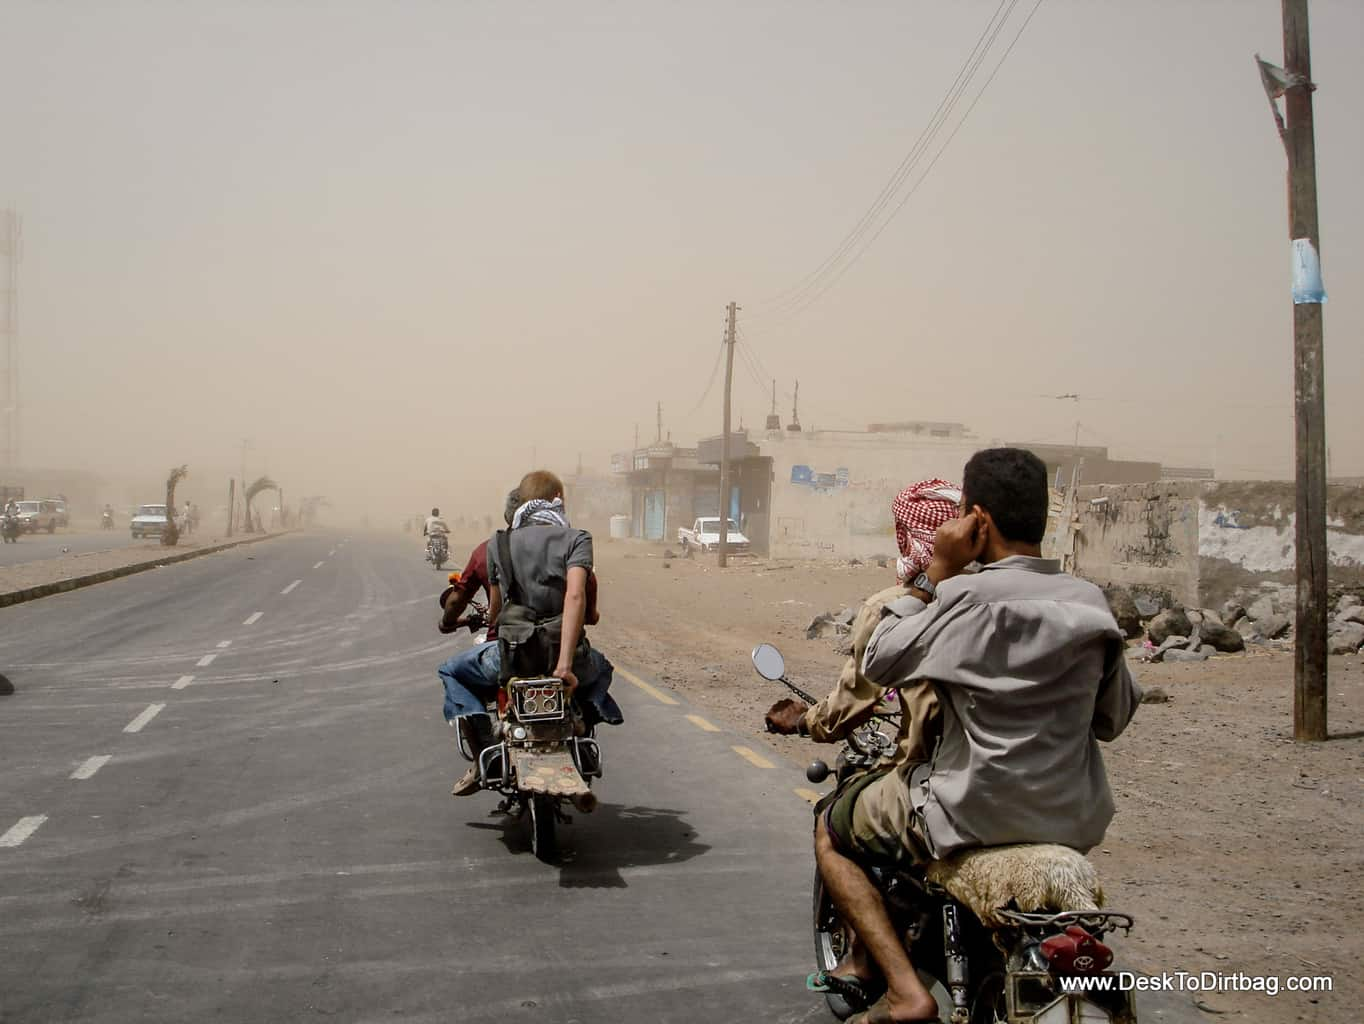 Riding into a sandstorm by motorbike in Mocha, Yemen.